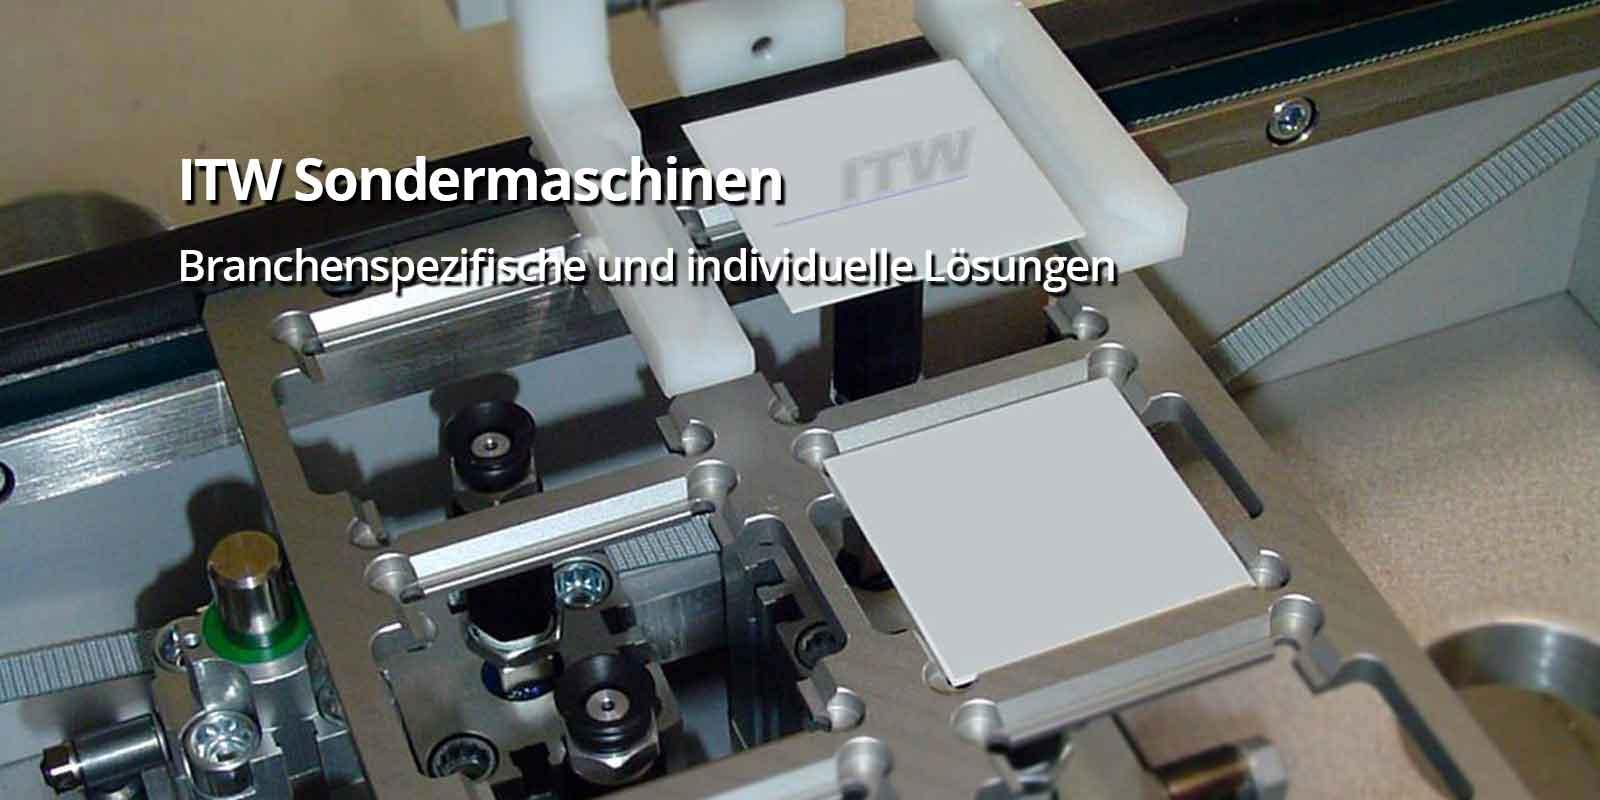 ITW Sondermaschinen Branchenspezifische und individuelle Lösungen